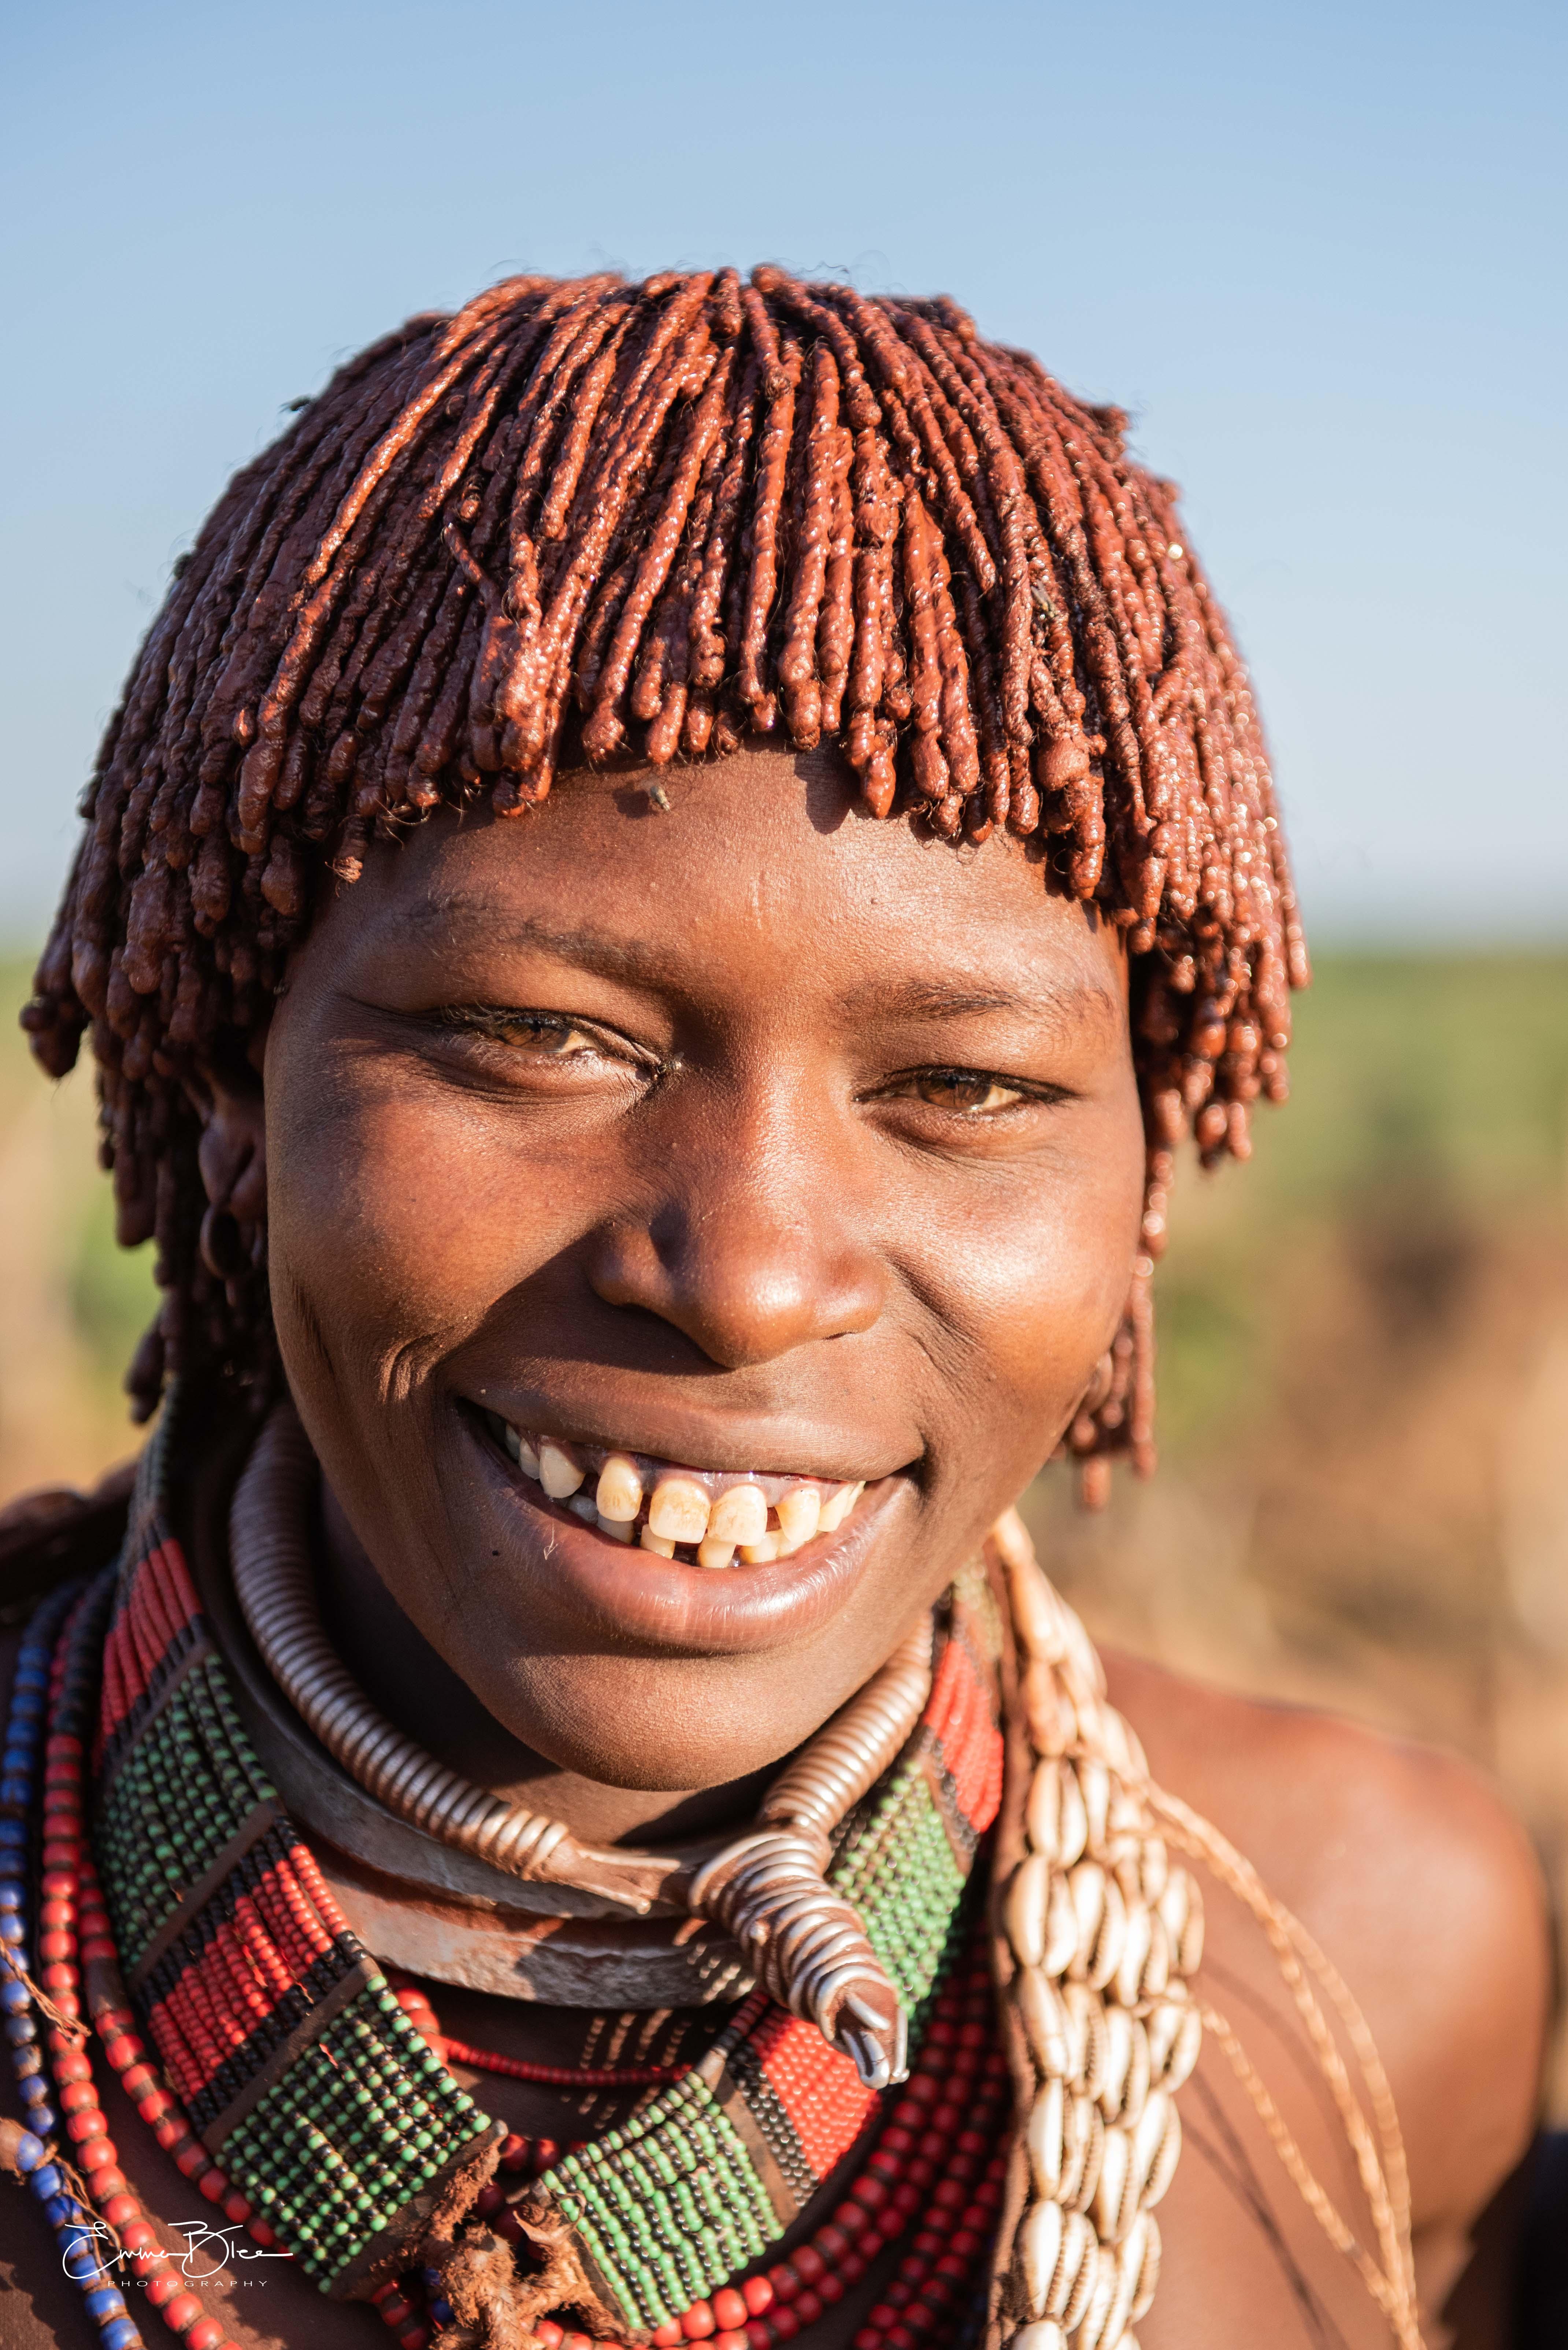 EB_20_01_16_Ethiopia_4601